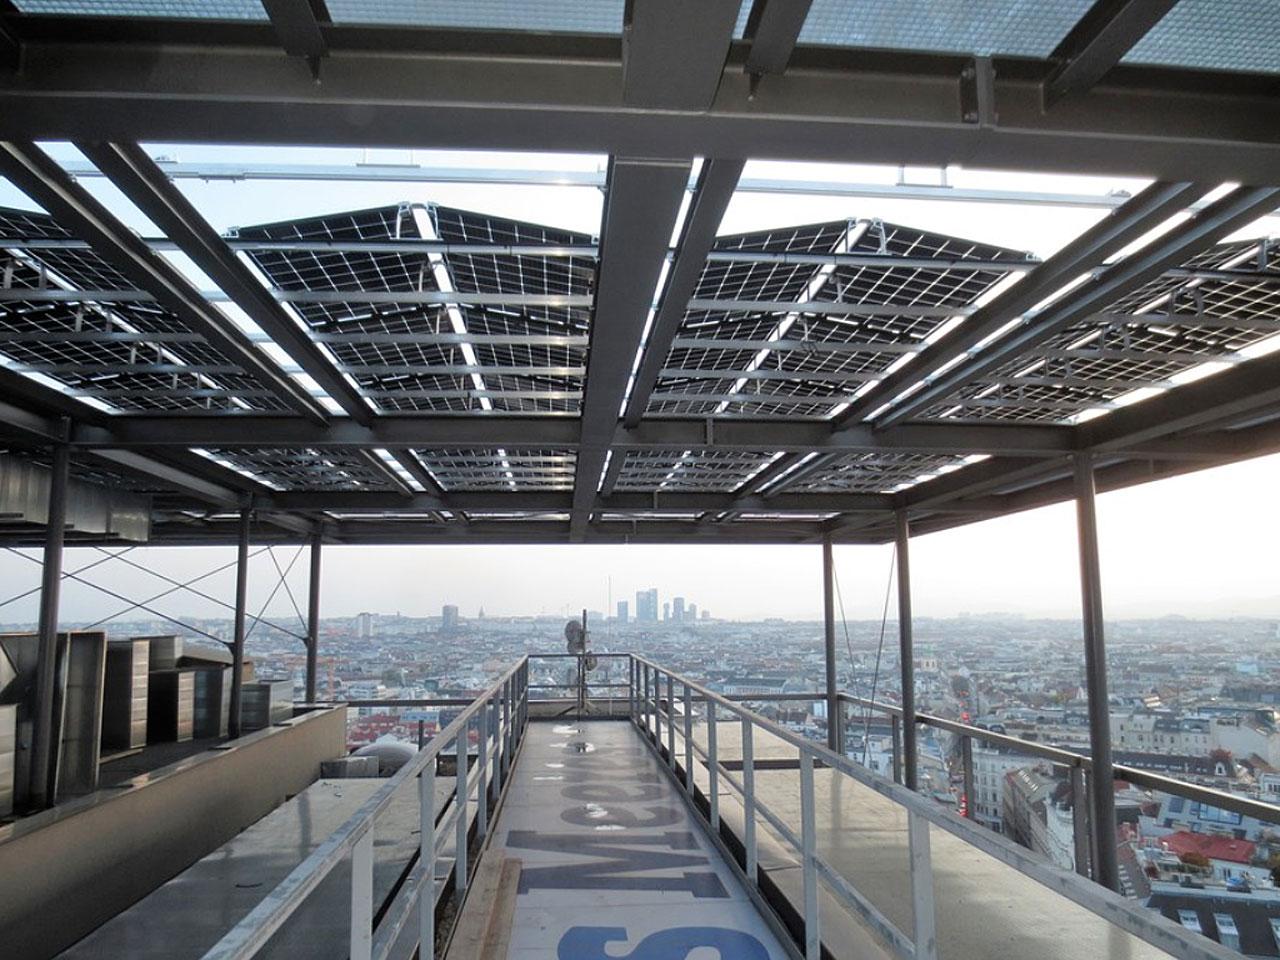 So sehen die biphazialen Solarpanele aus - Fotocredit: Haus des Meeres